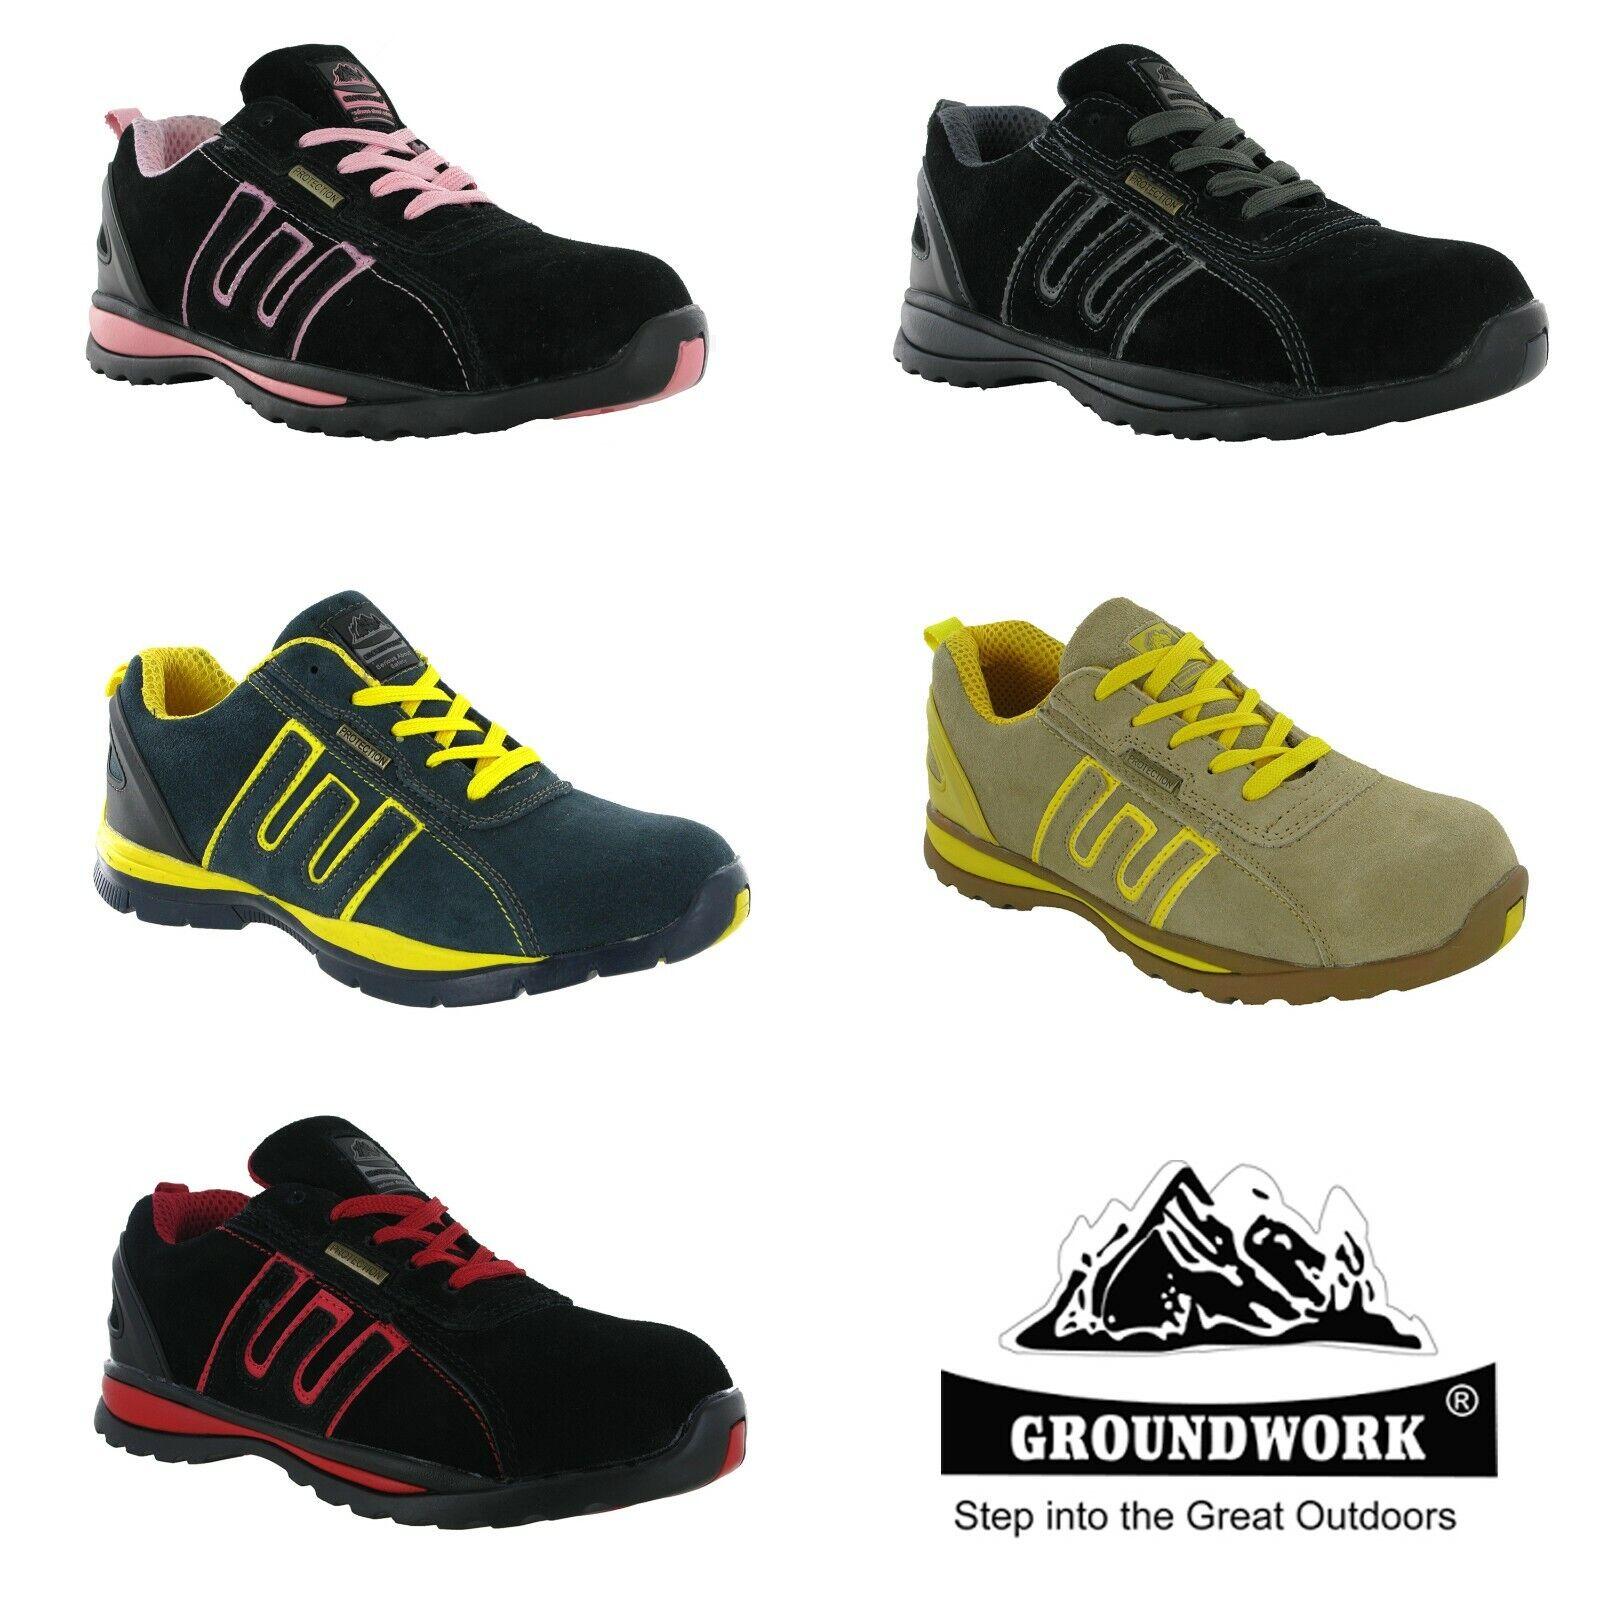 Femmes Baskets Sécurité Groundwork Léger Embout Coqué Travail Chaussures UK3-8